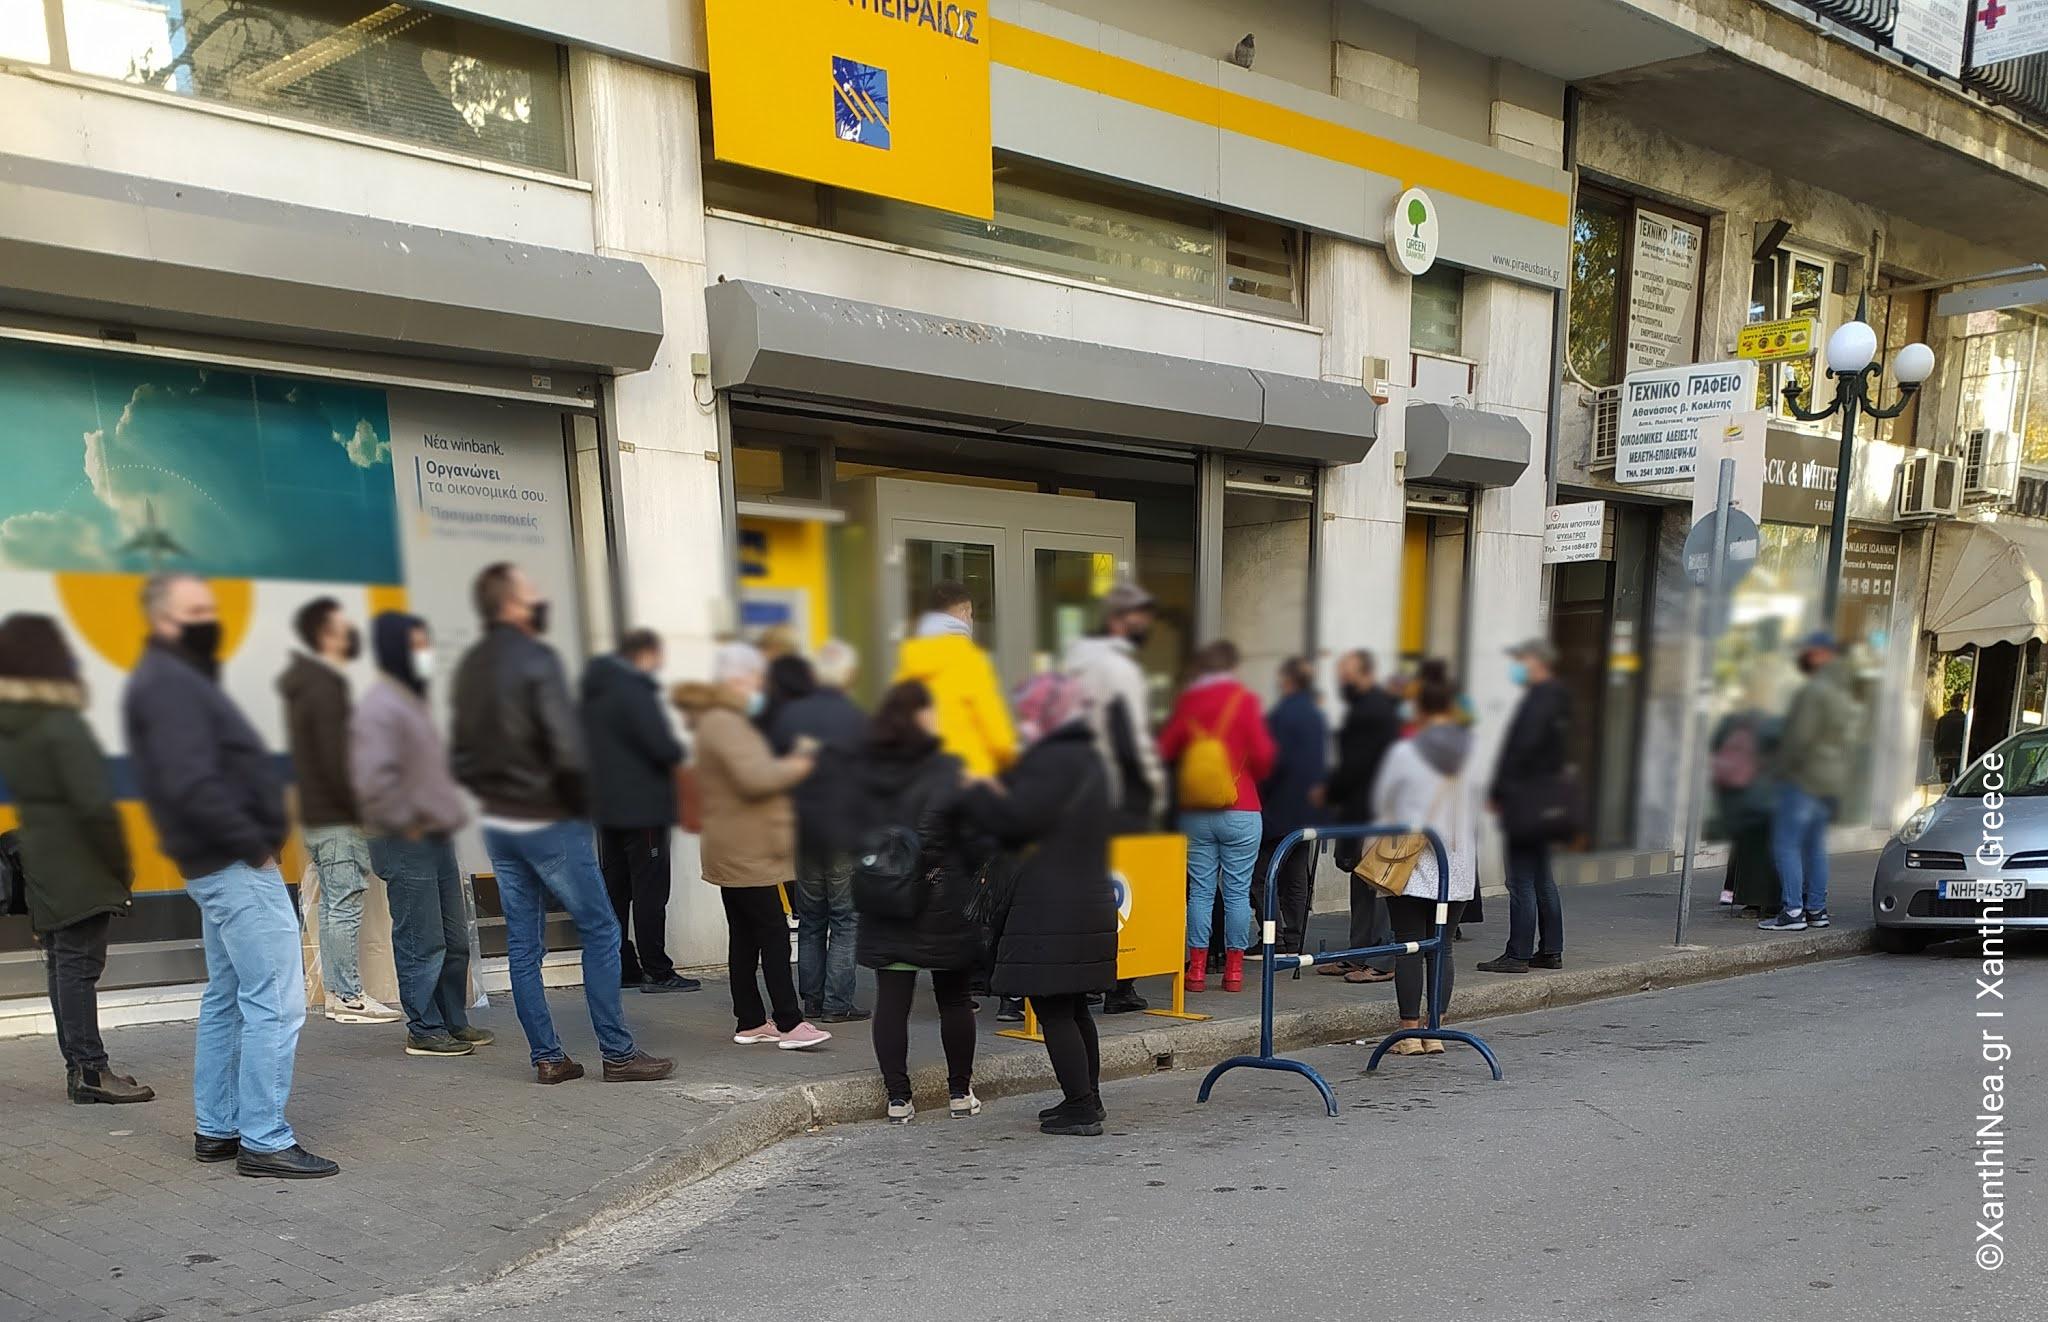 Ξάνθη: Συνεχίζονται οι ουρές στις τράπεζες, αλλά κλείνουν υποκαταστήματα